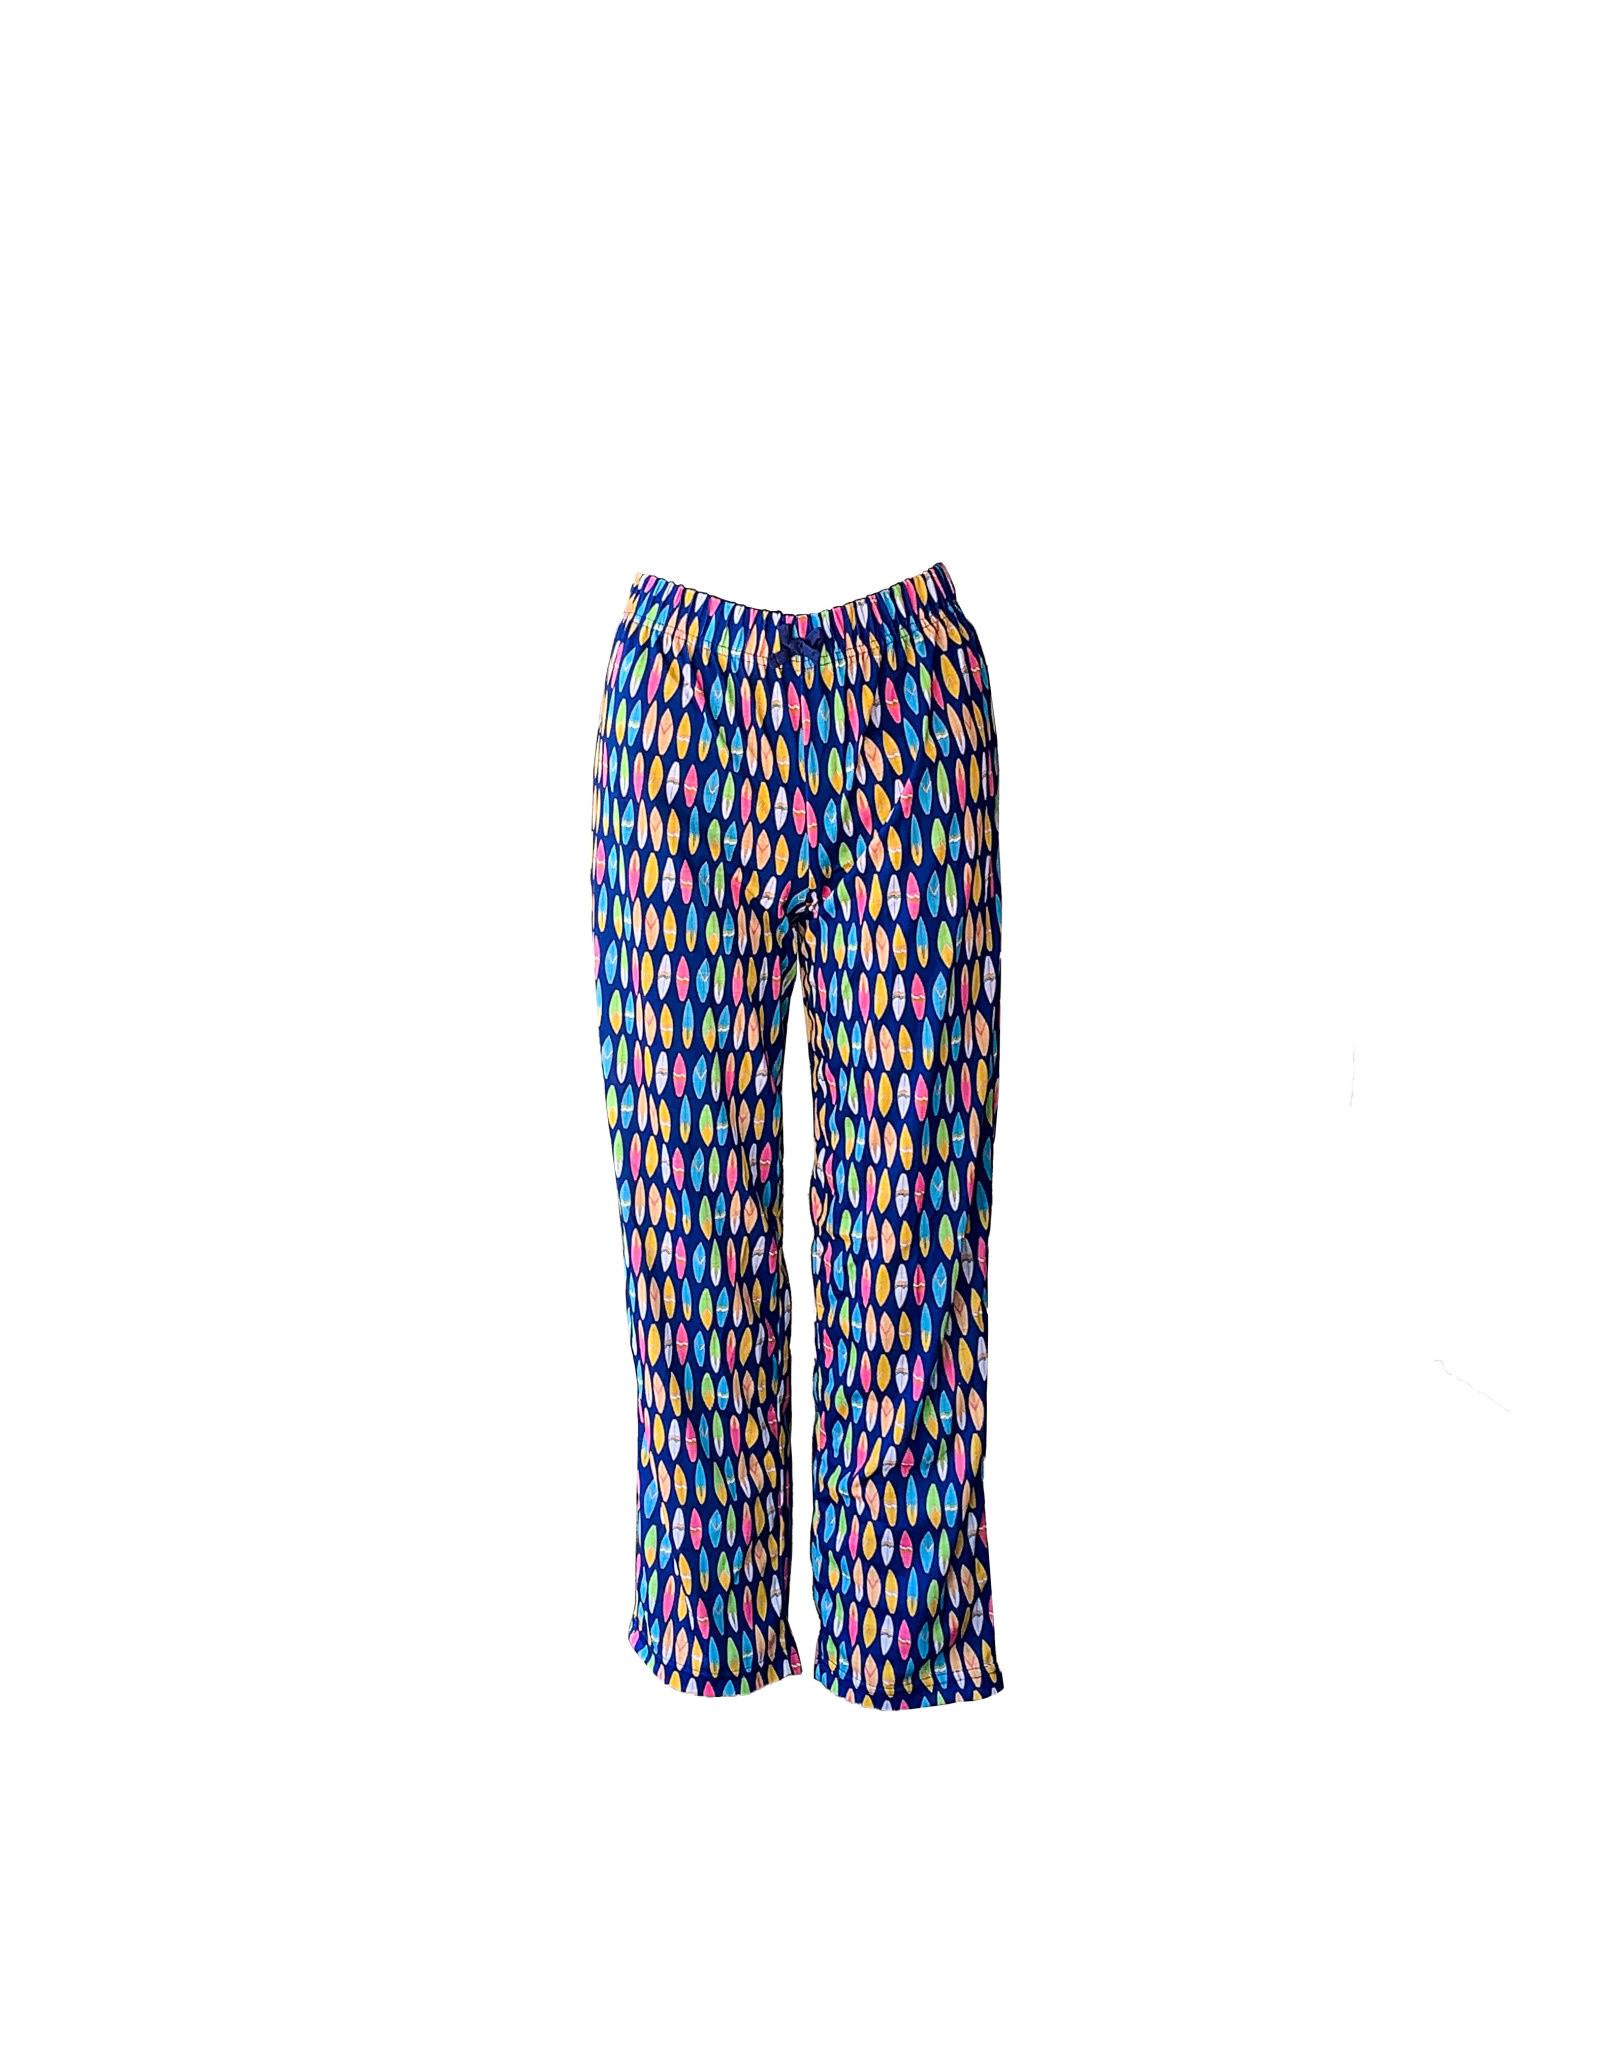 Joe Boxer Joe Boxer  Girls  Pants Pyjamas  Size 14